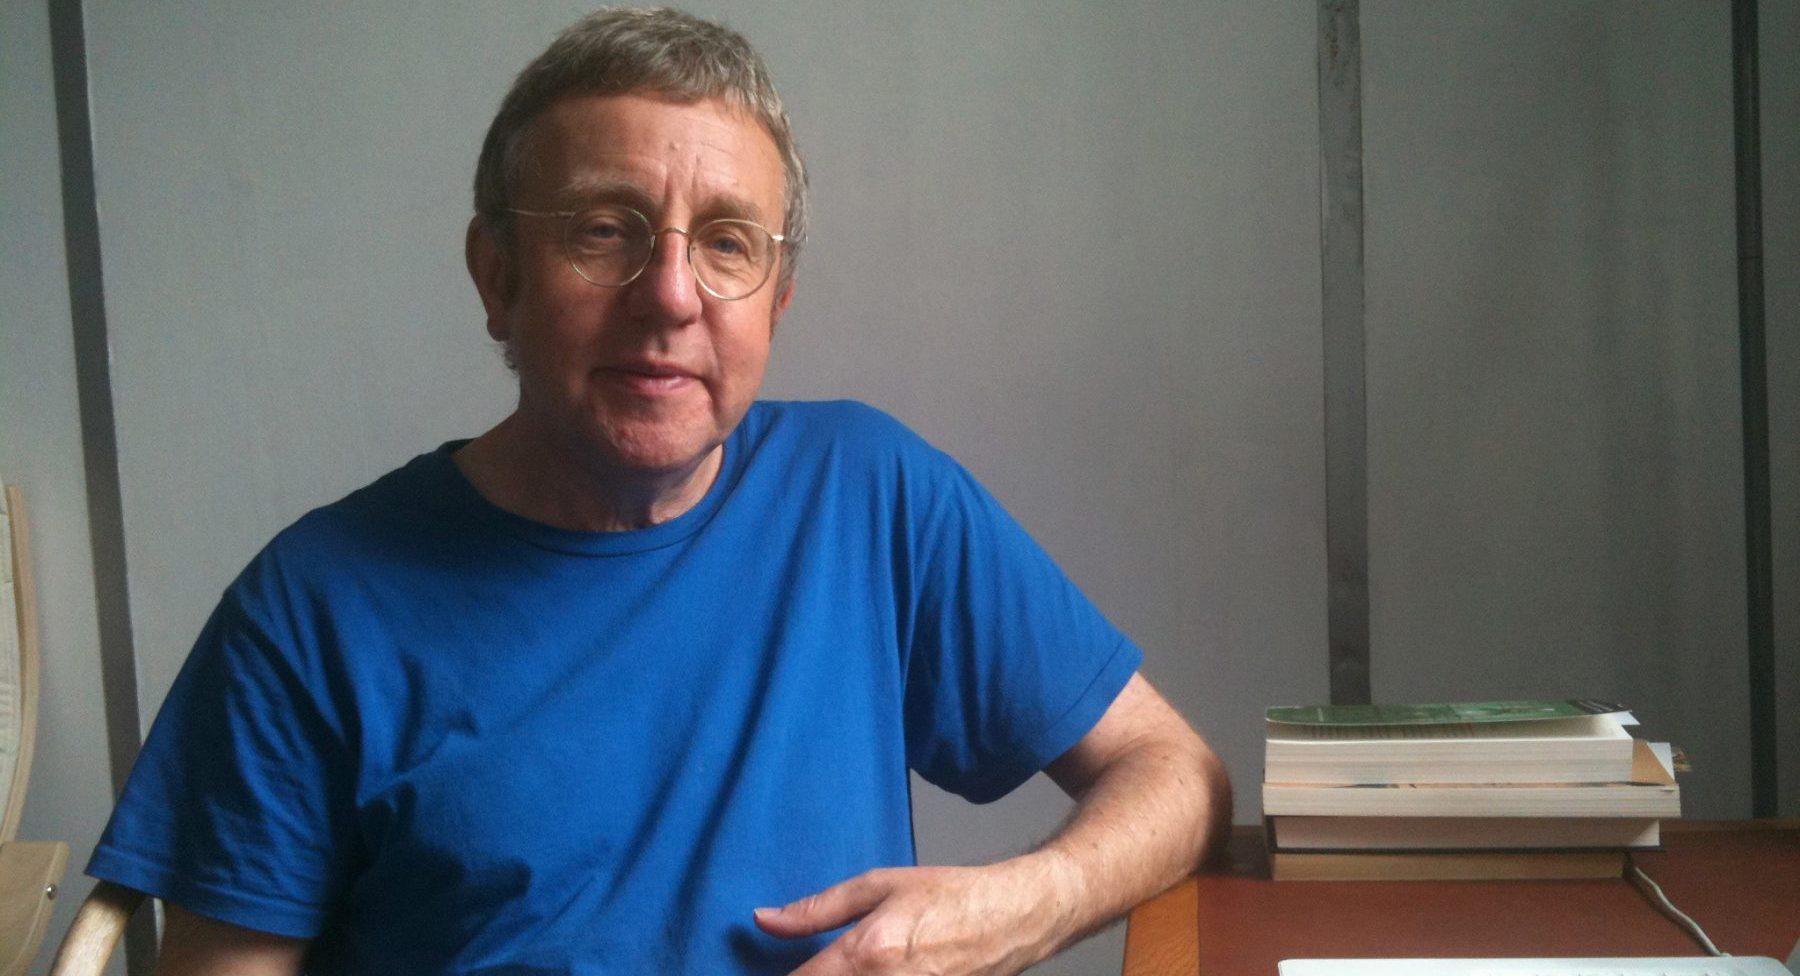 Alan Spence Edinburgh Makarship Extended